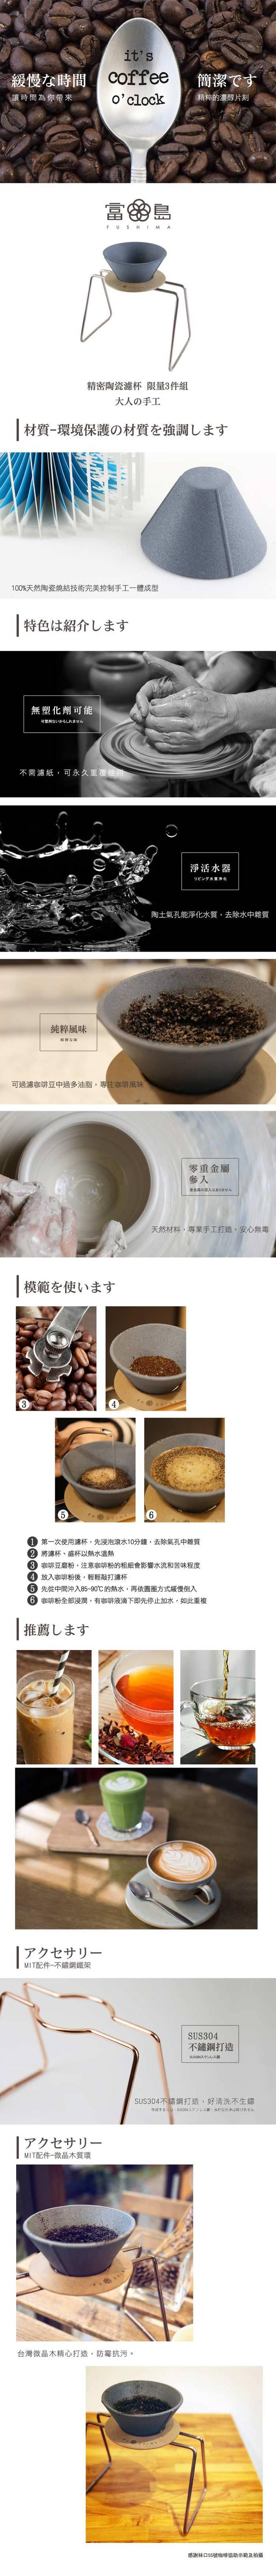 FUSHIMA 富島 精密陶瓷濾杯+木片+鐵架+雙層玻璃杯350ML經典組